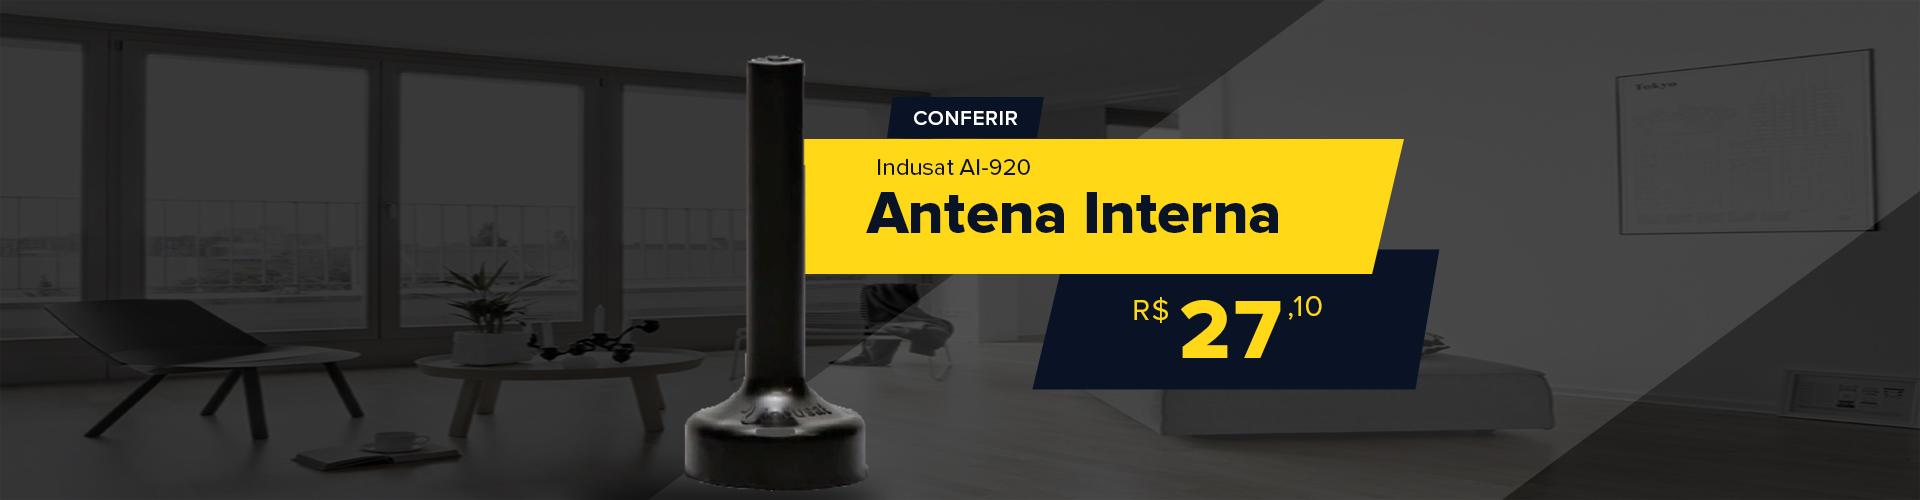 Full Banner 5 Antena Interna Indusat